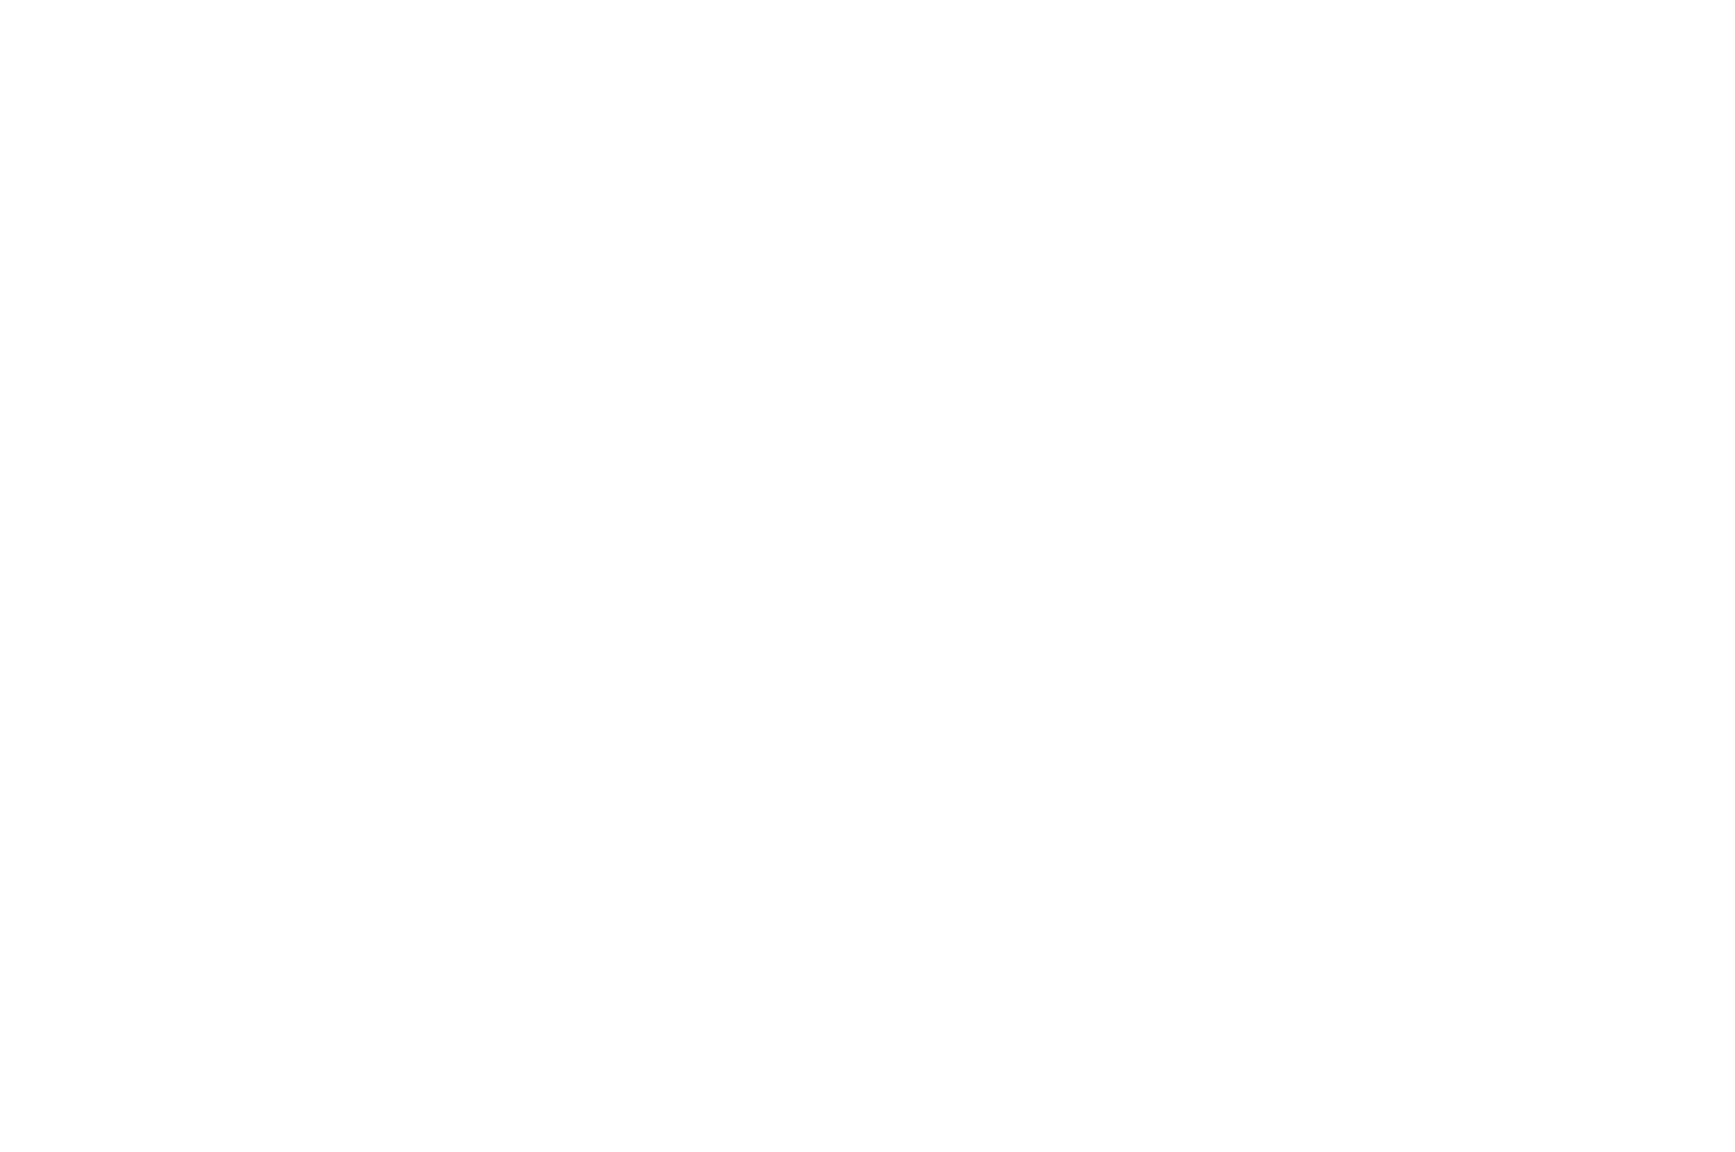 BEST HORROR MICRO-SHORT FILM - Bare Bones International Film Festival